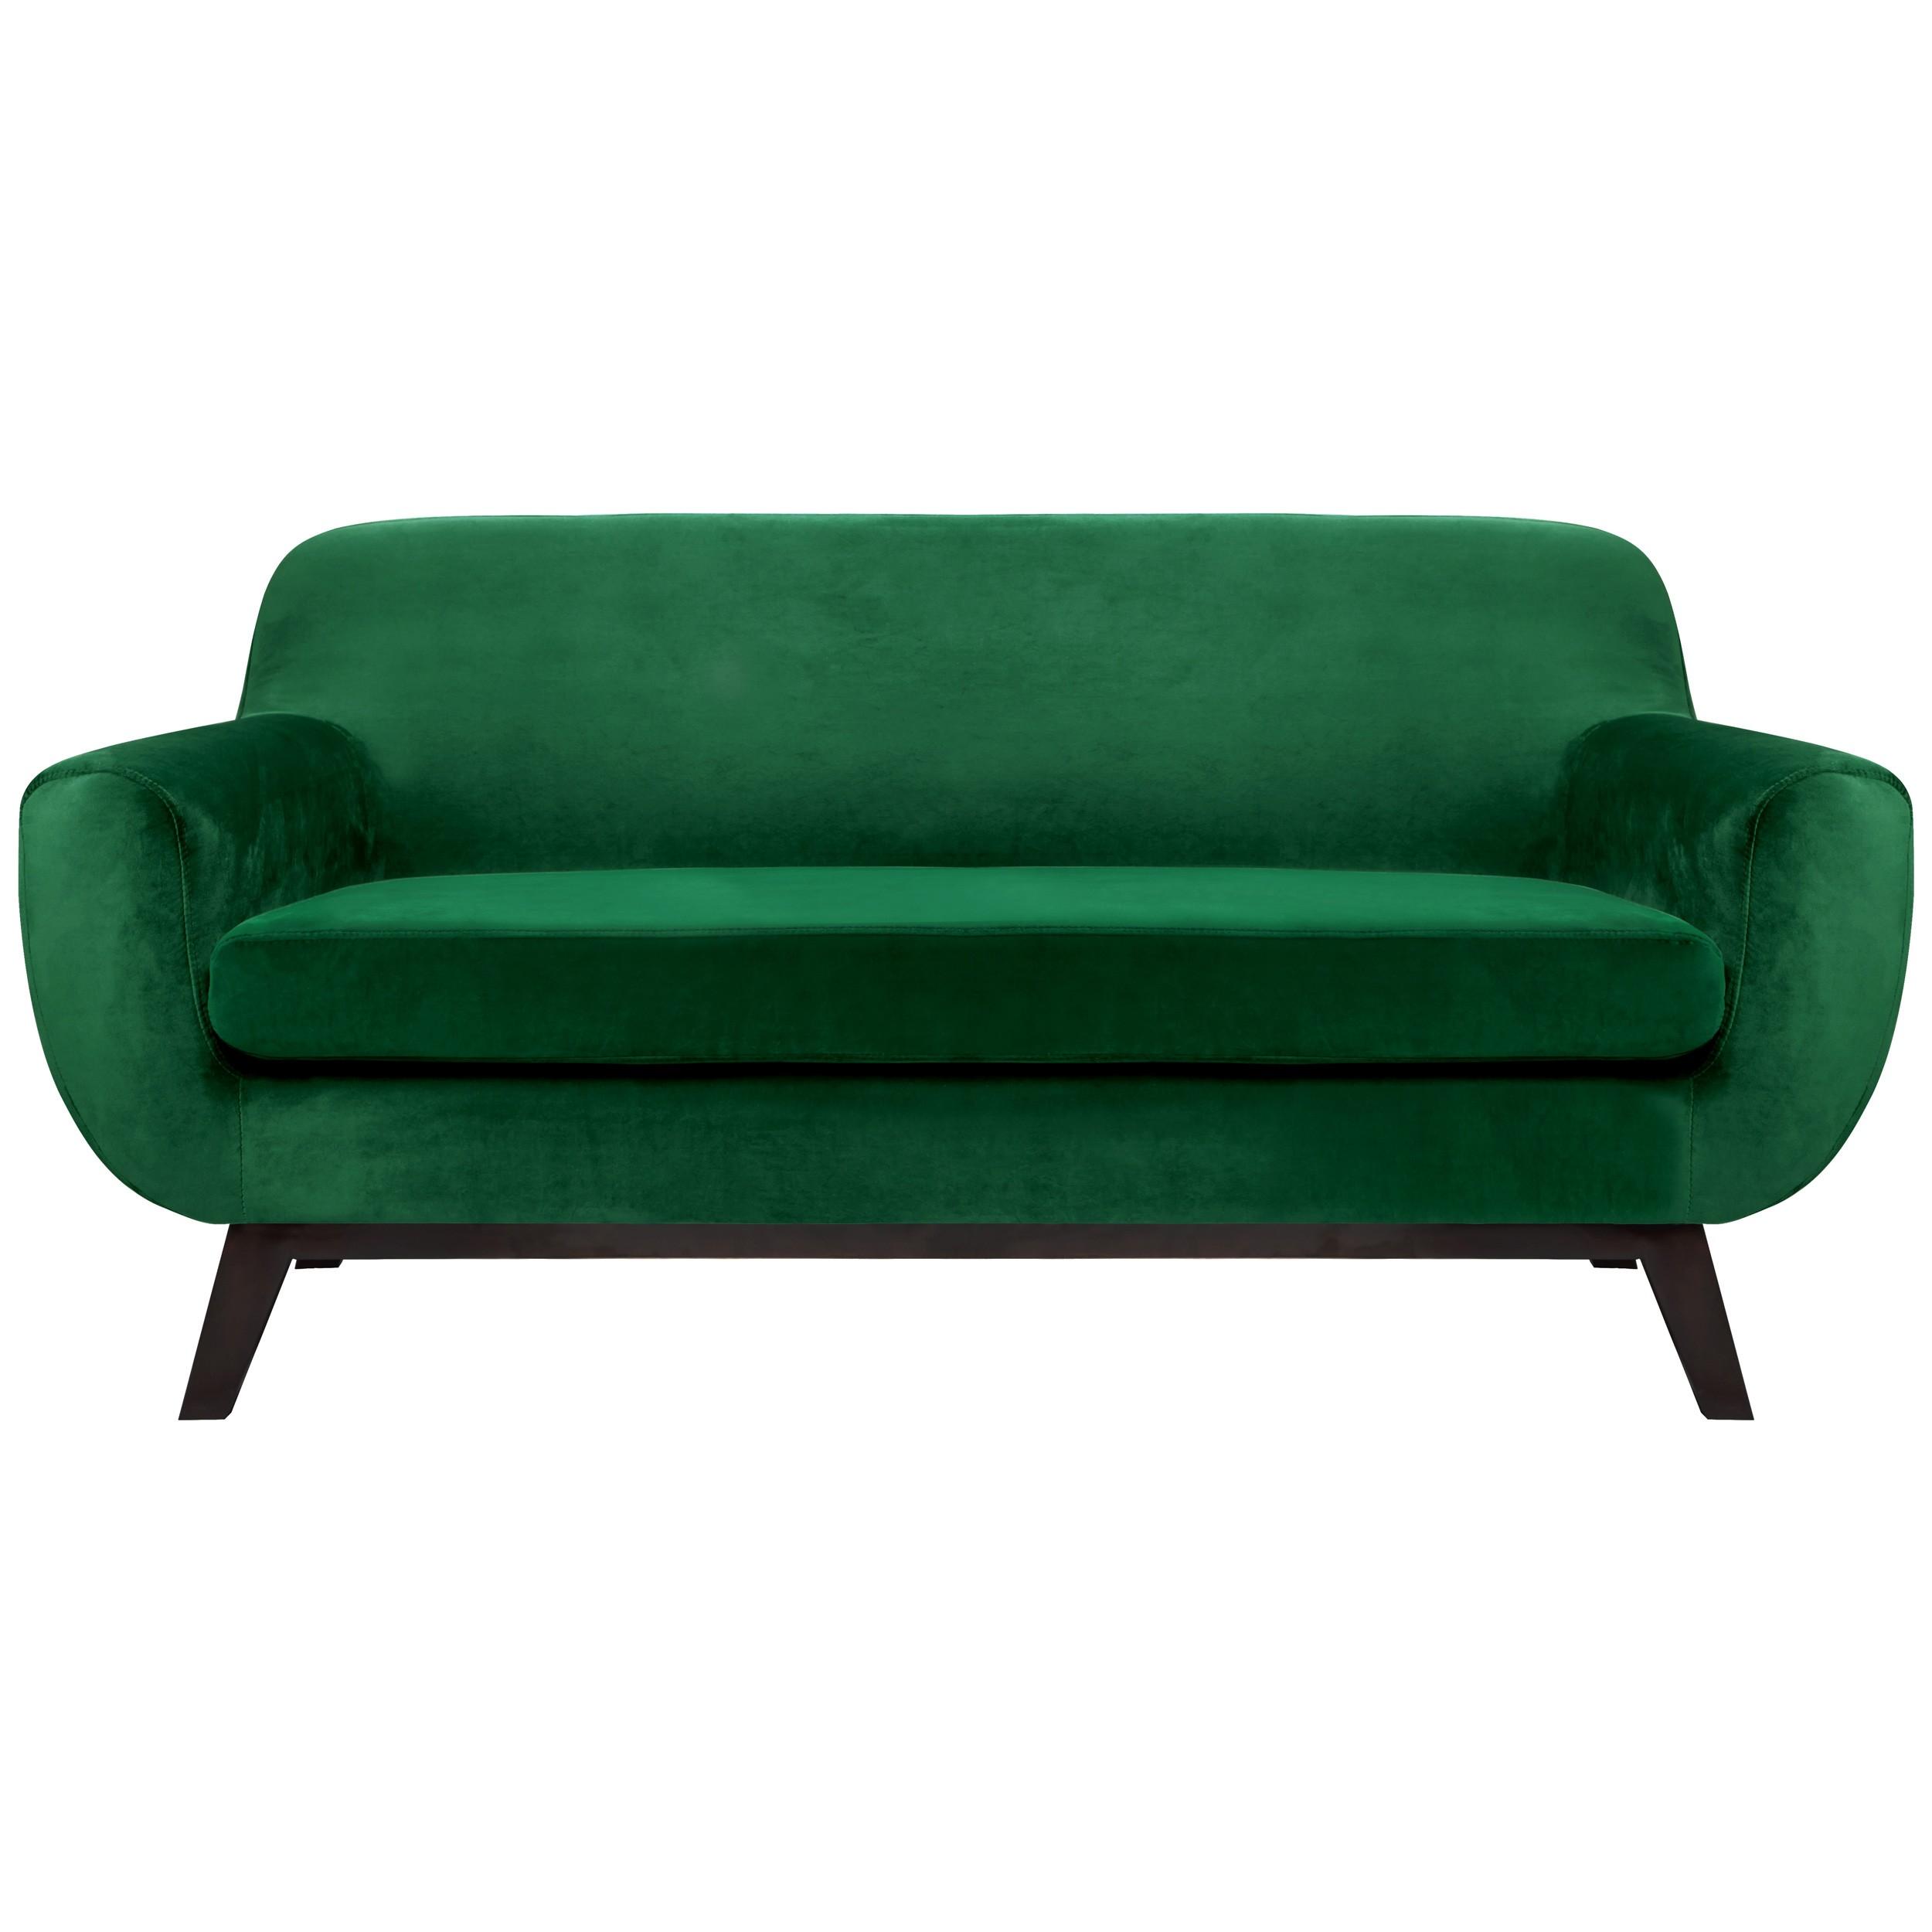 canap copenhague 2 places en velours vert choisissez. Black Bedroom Furniture Sets. Home Design Ideas